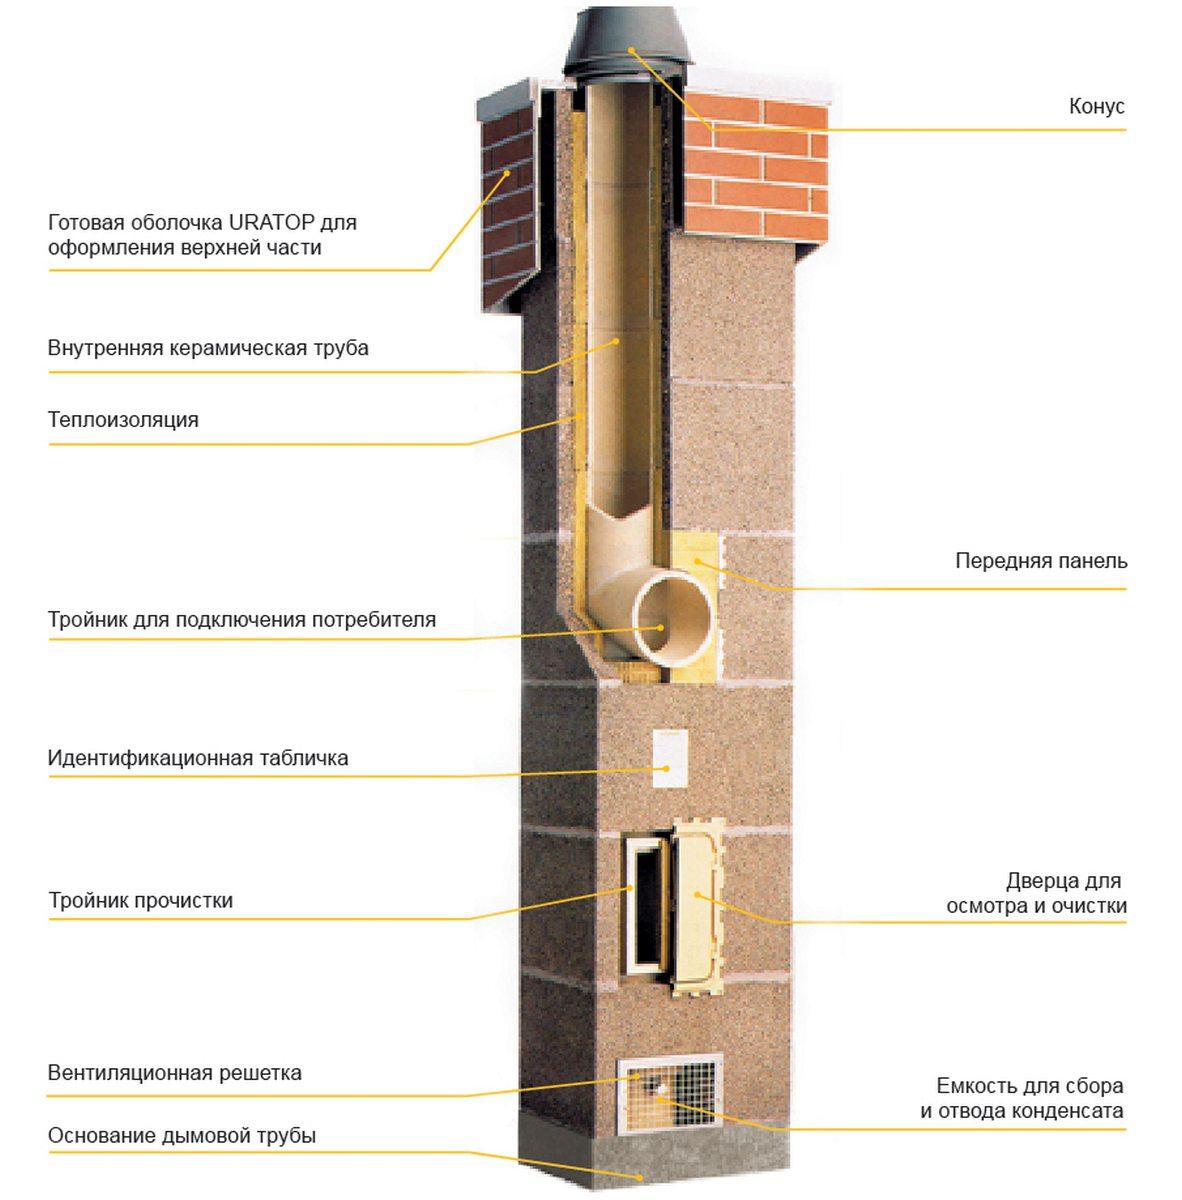 Теплоизоляция дымоходов шидель установка дымохода для сауны